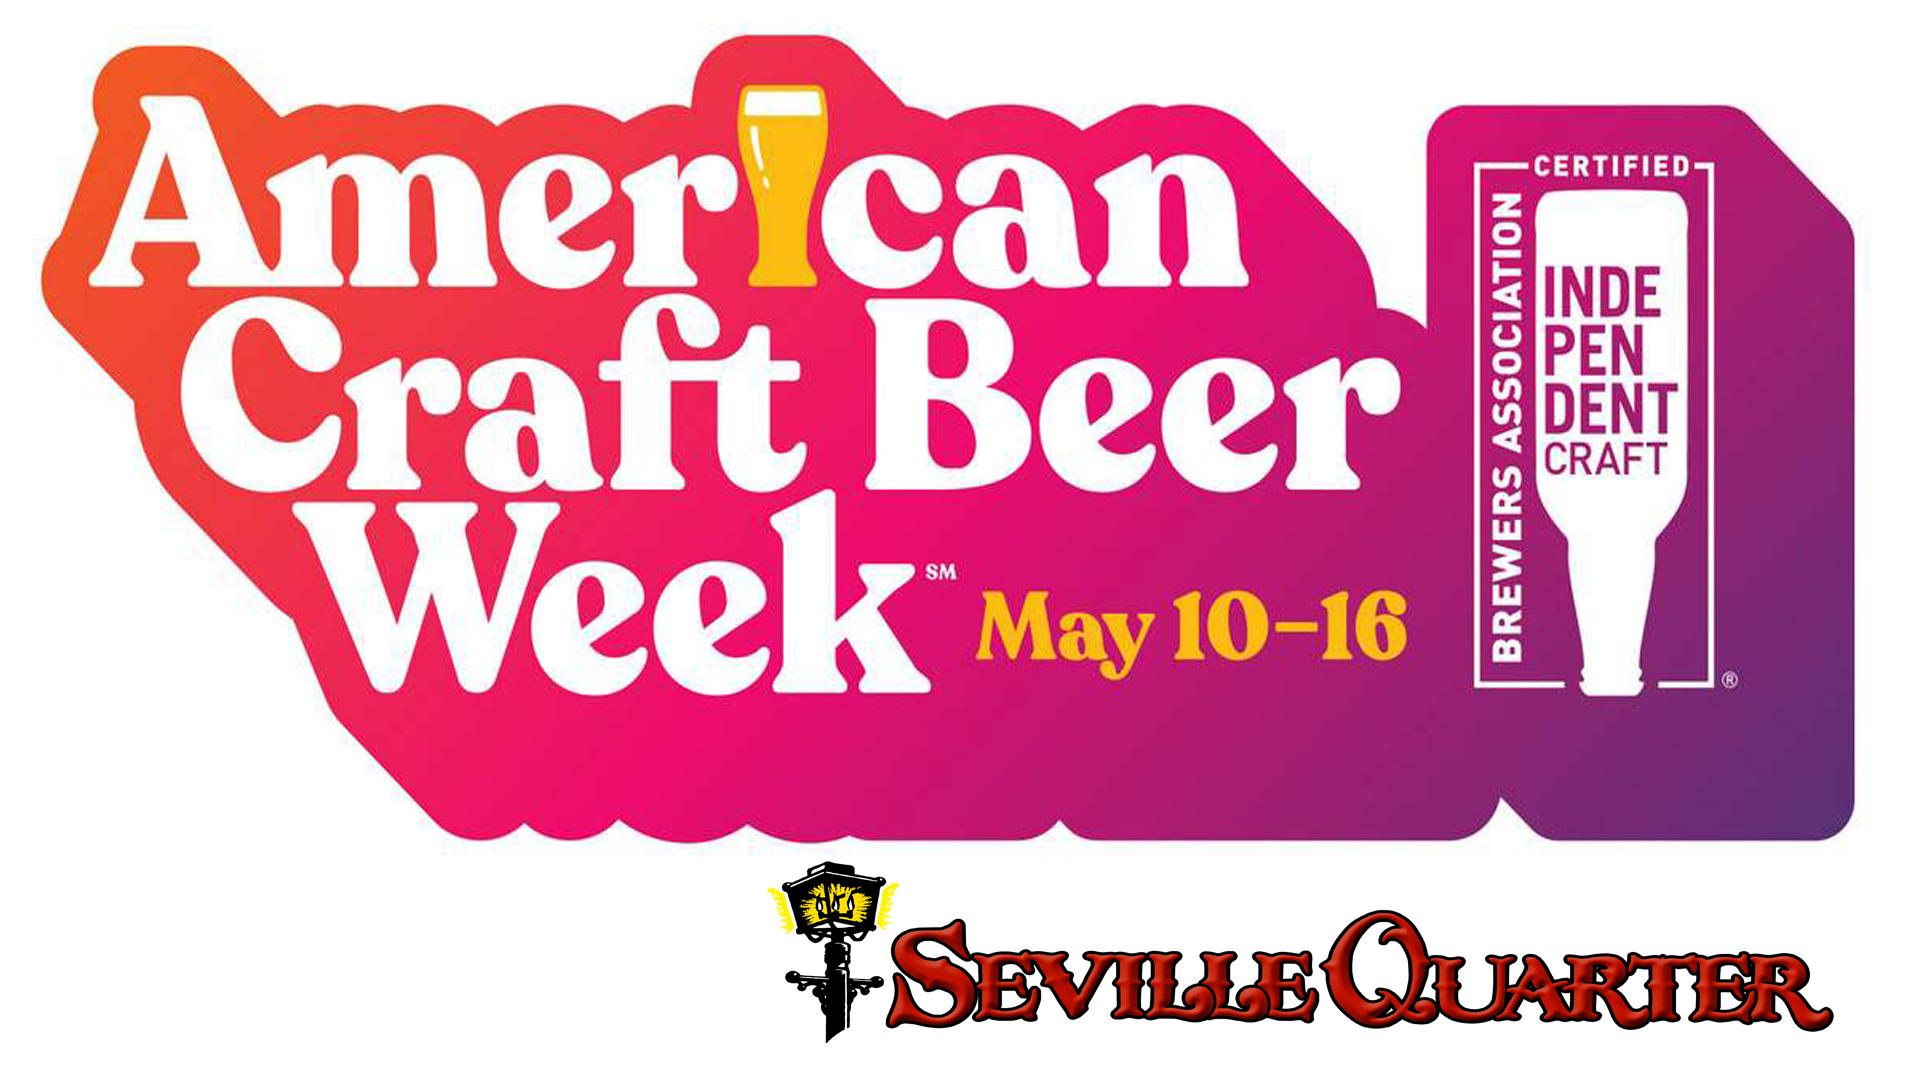 Seville Quarter Event craft beer week